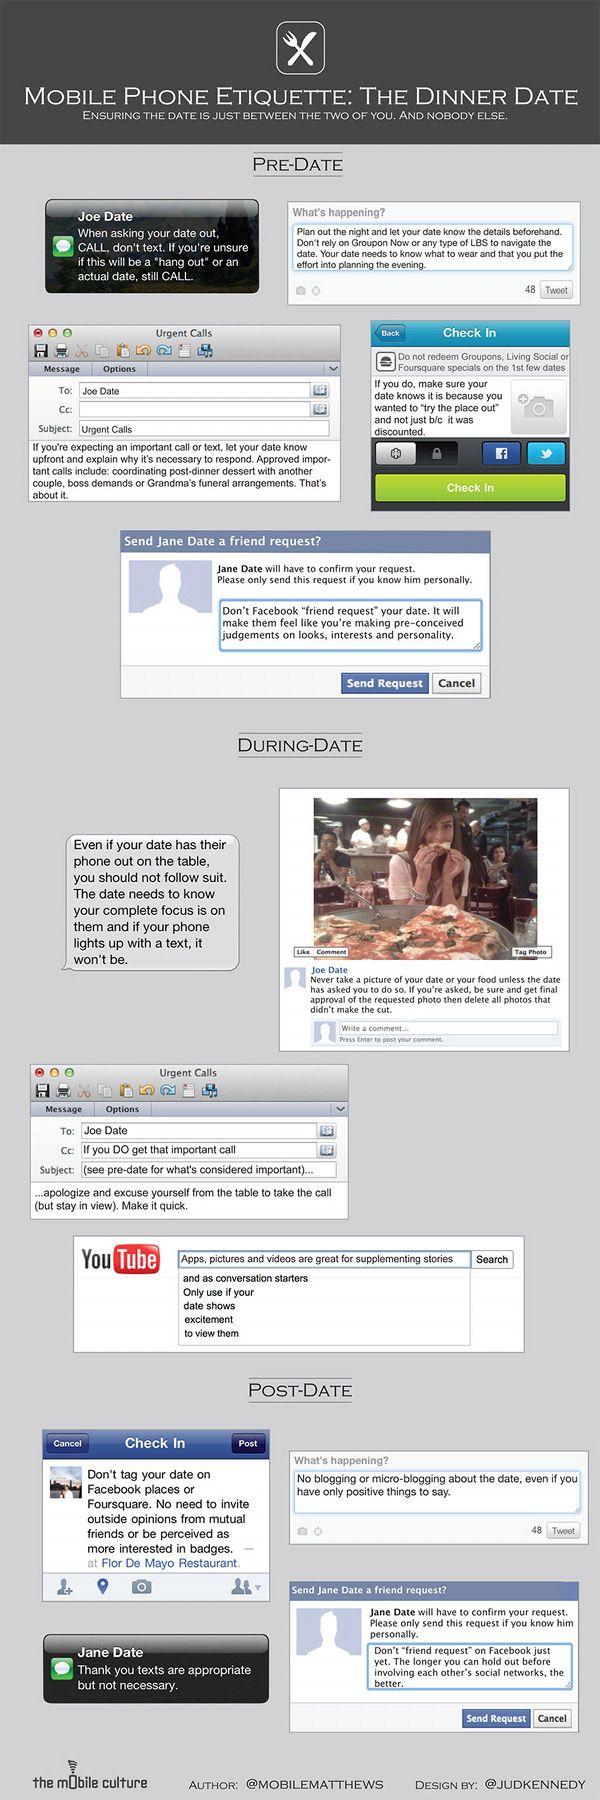 livingsocial dc speed dating randevúk weboldalainak áttekintése uk